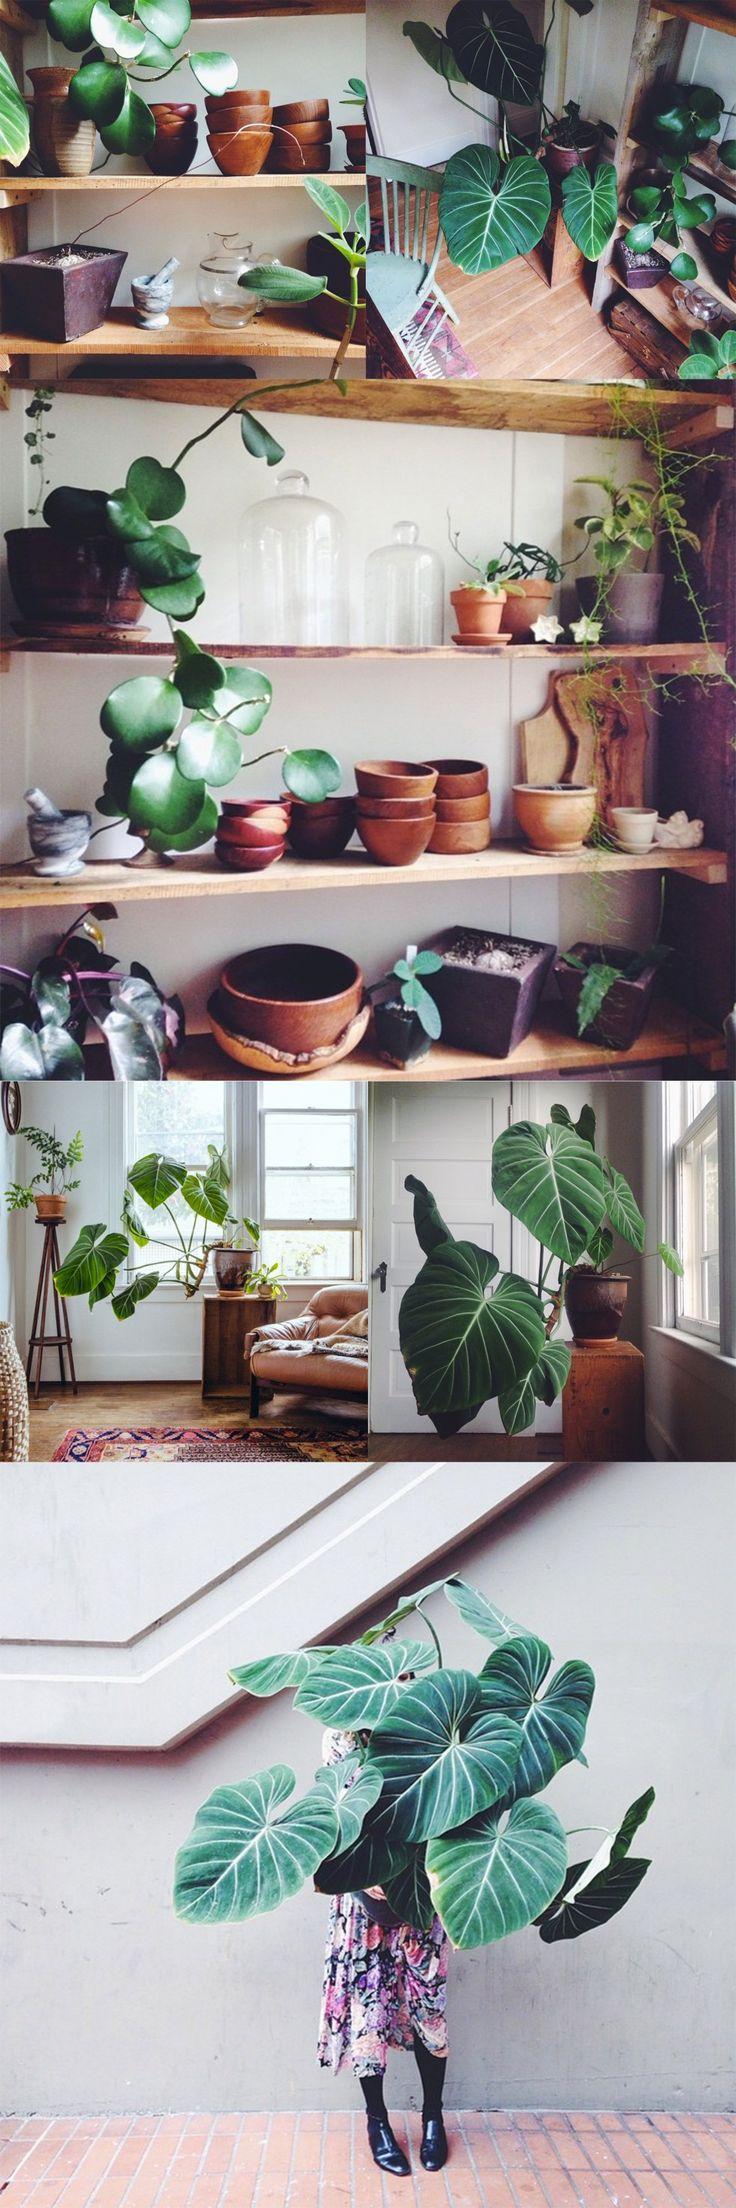 73 besten Decorating tips Bilder auf Pinterest | Hausecke ...